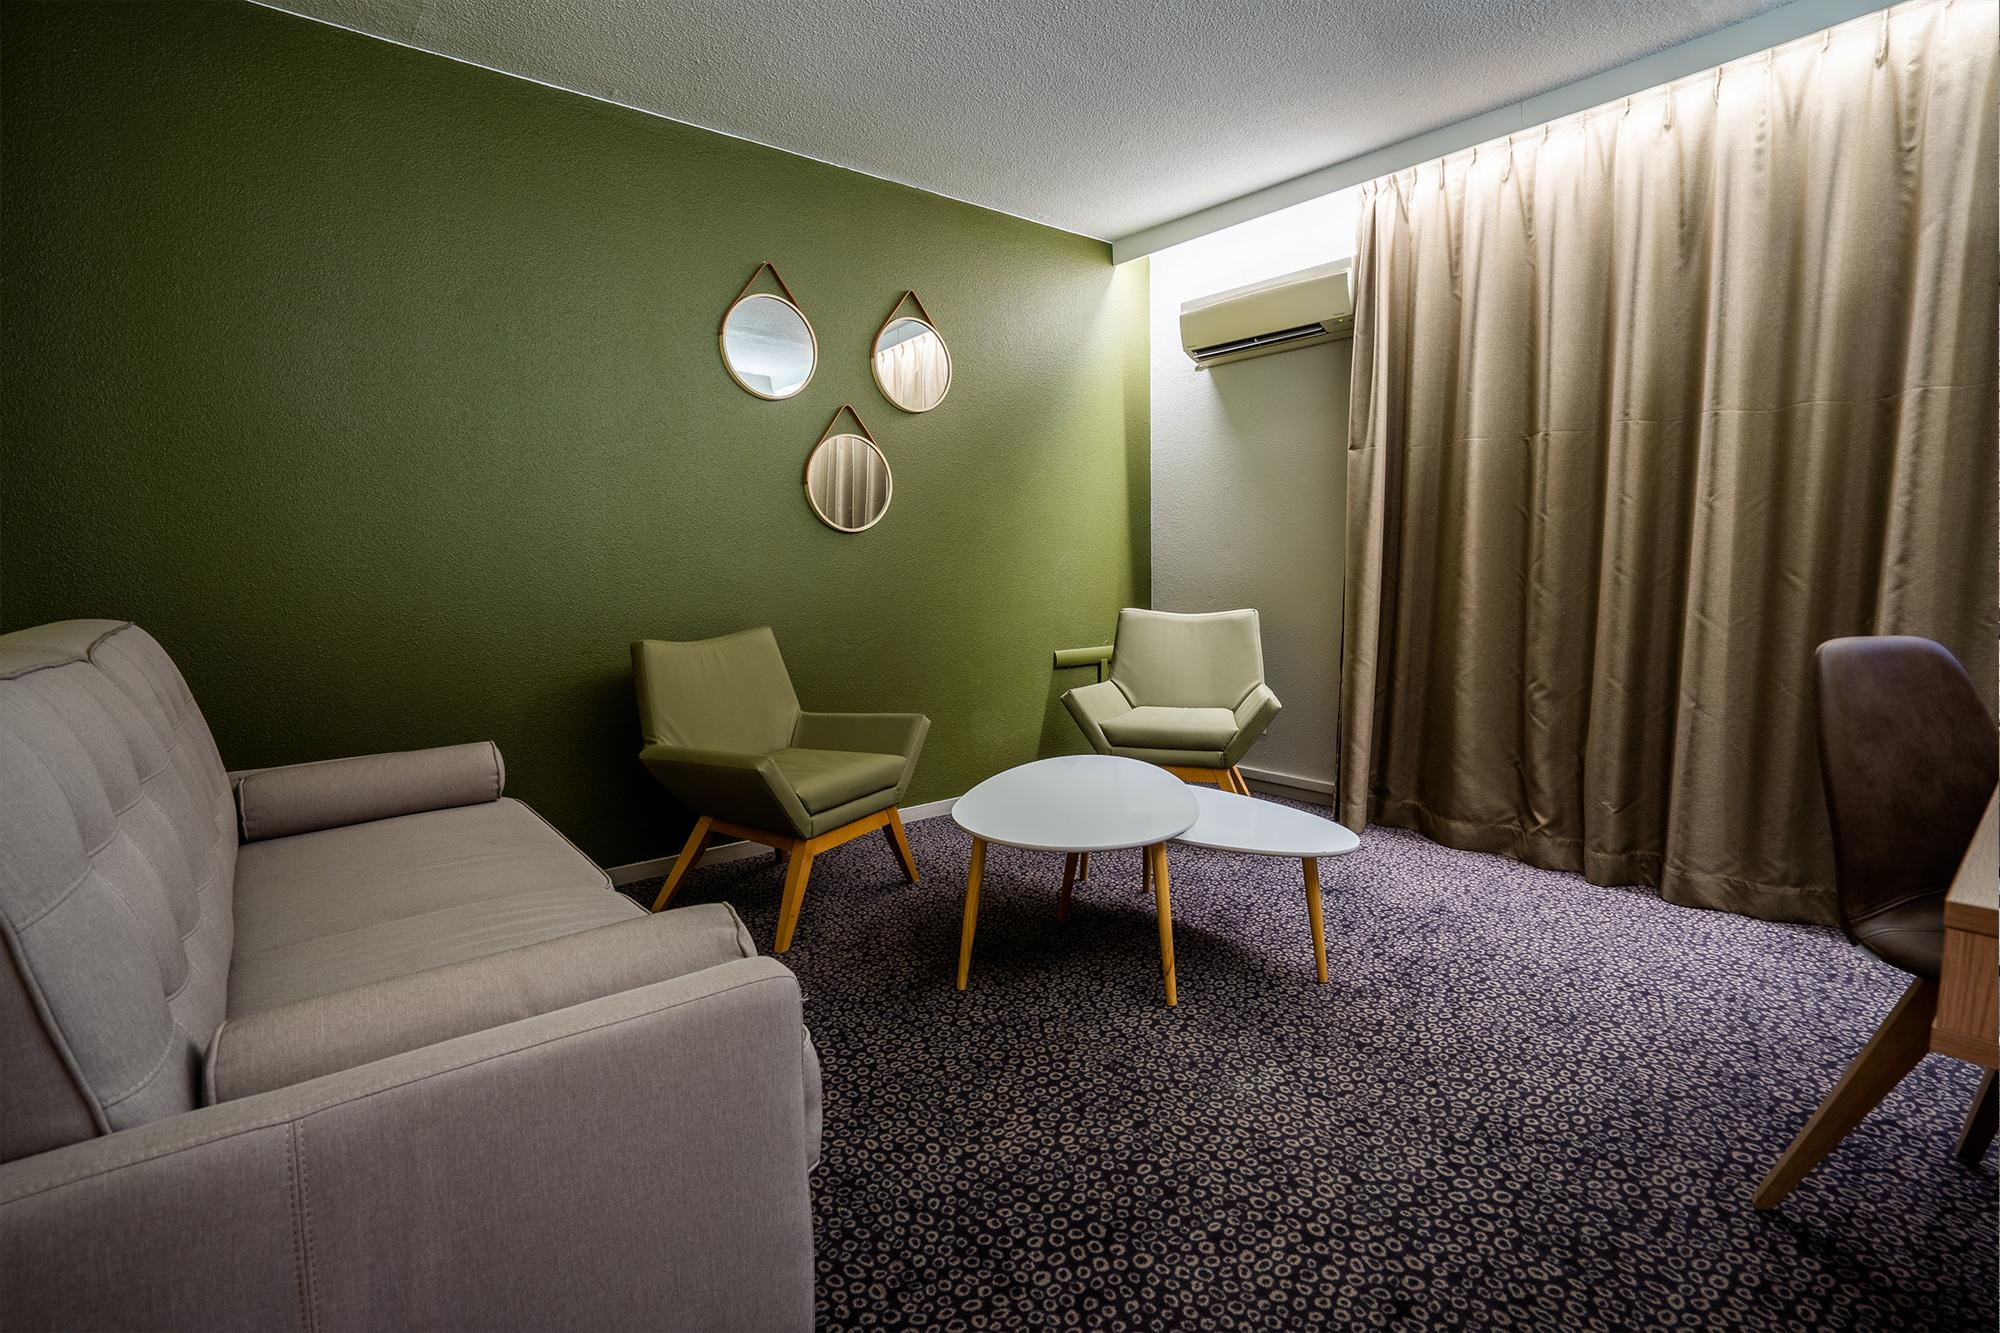 Photographe vidéaste Bordeaux : shoot intérieur hôtel Kyriad